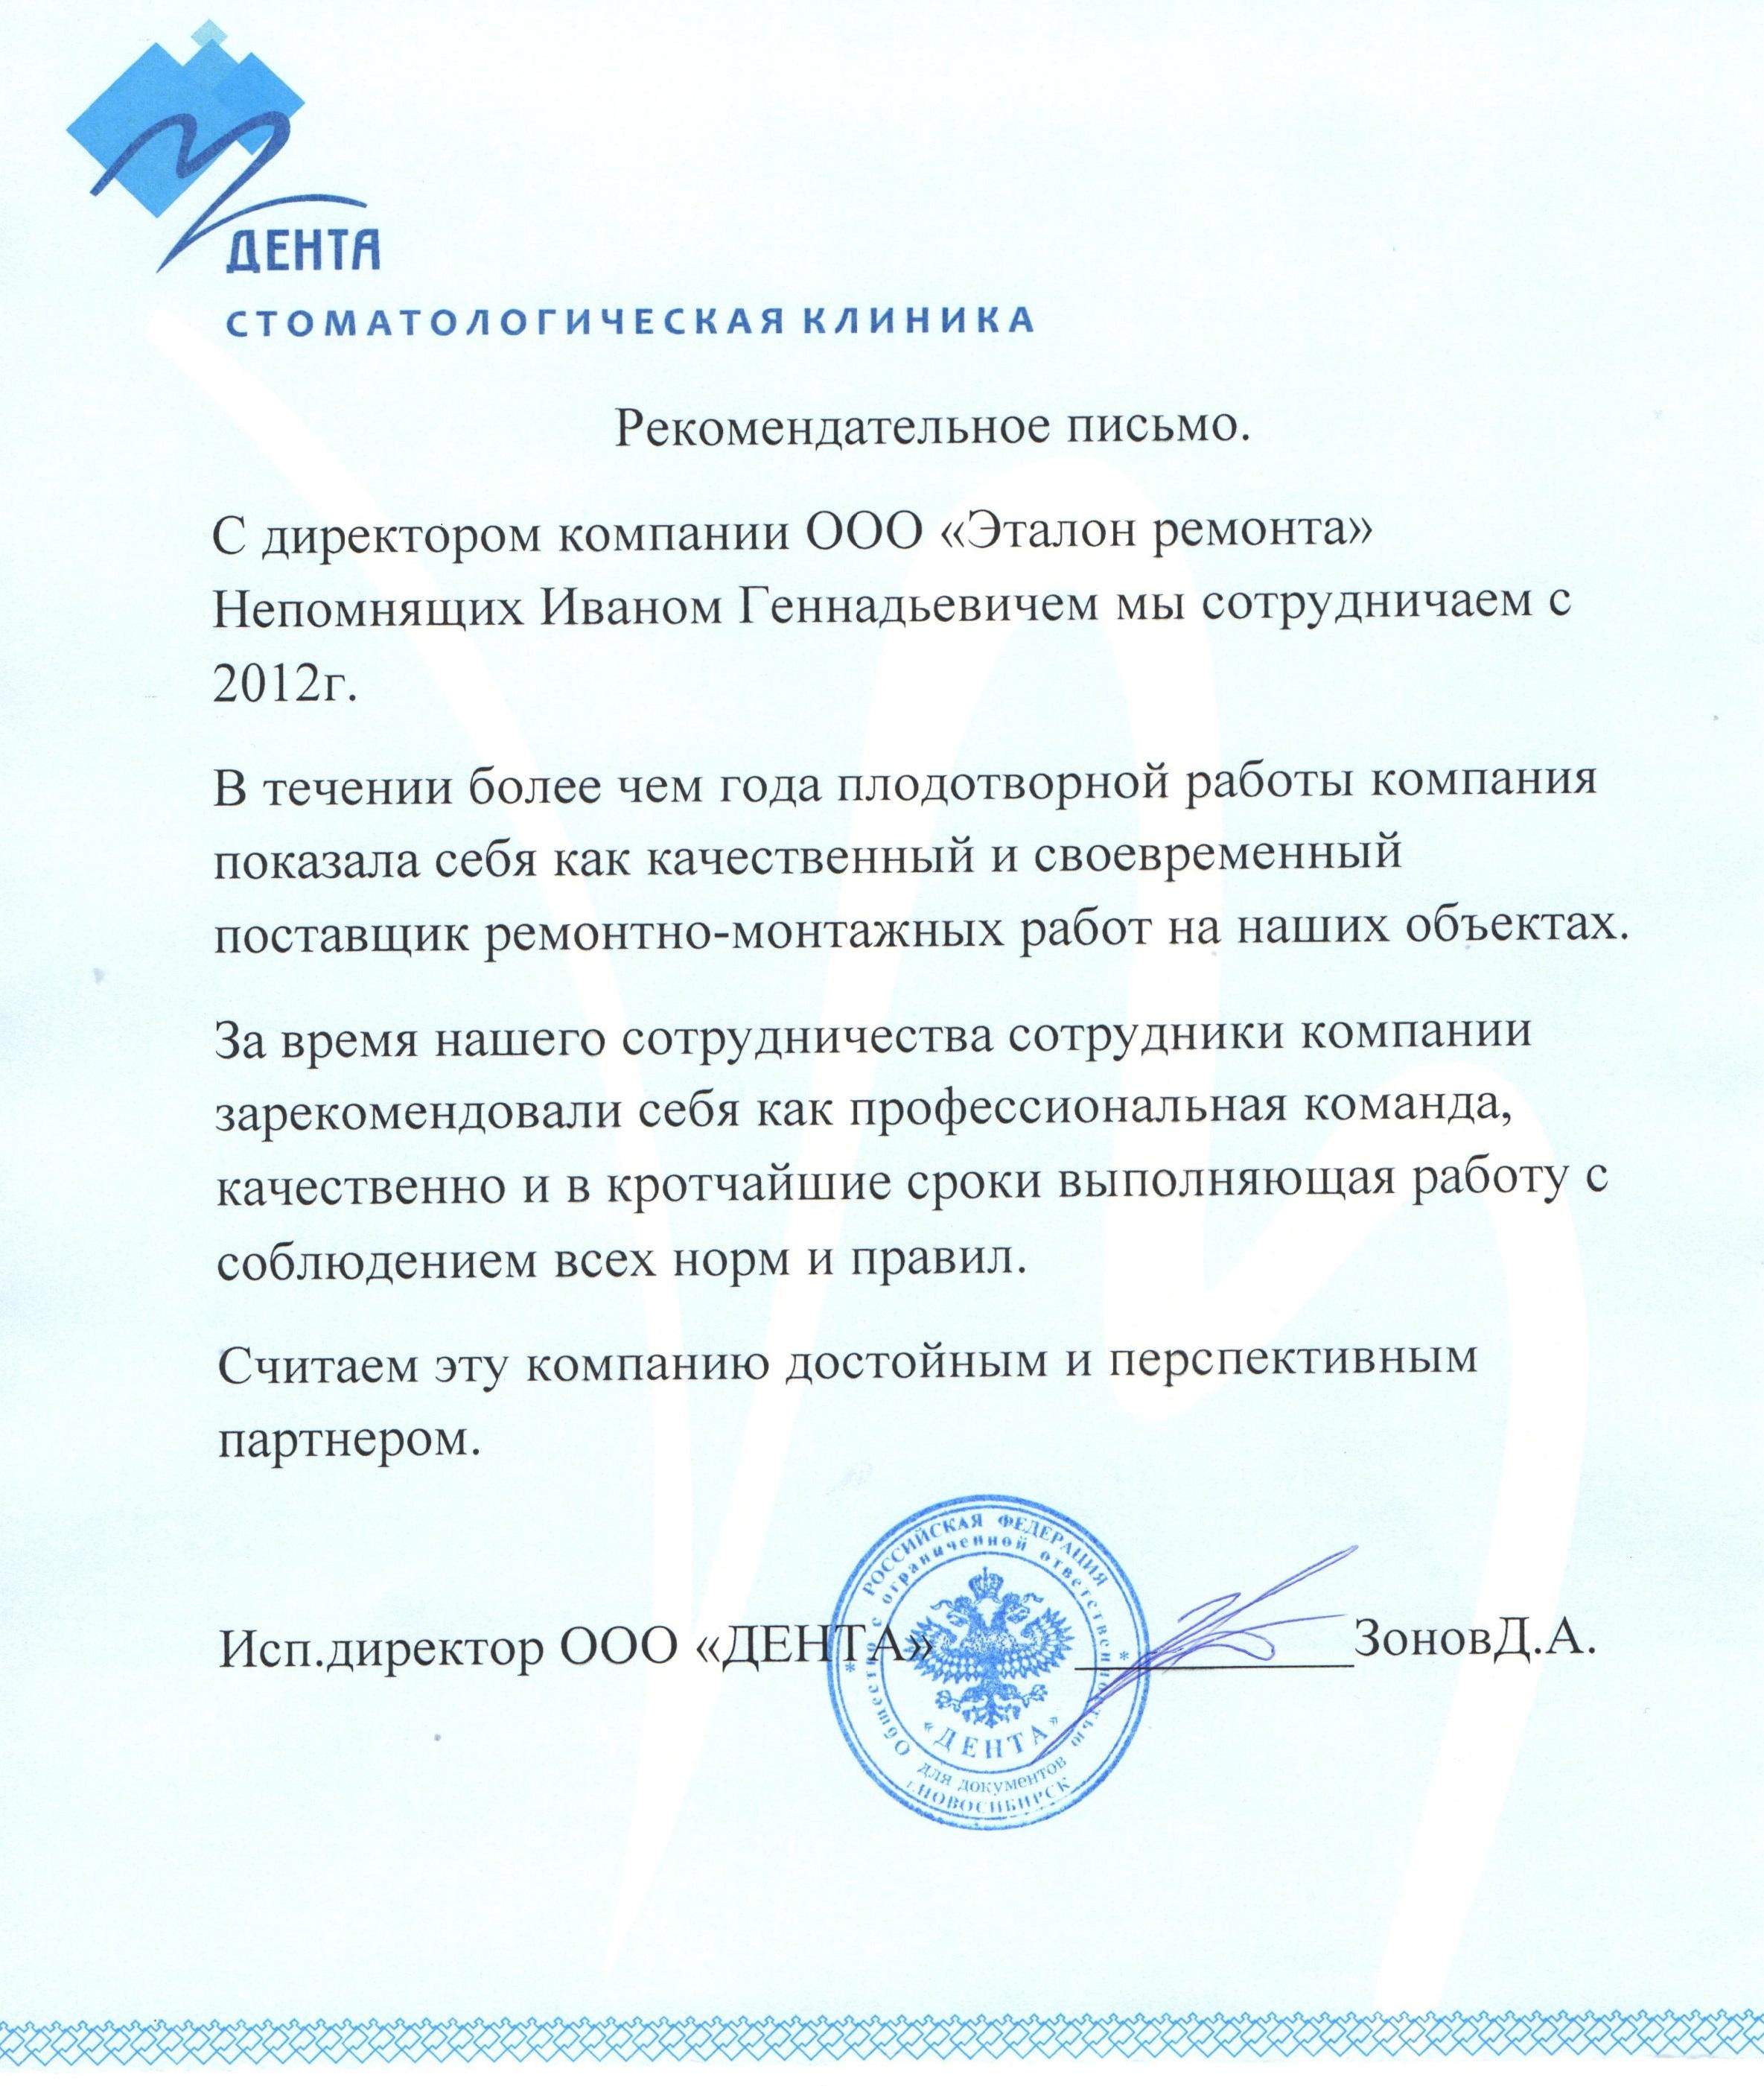 Эталон Ремонта, ООО, ремонтно-строительная компания в Новосибирске - отзыв и оценка- Олег